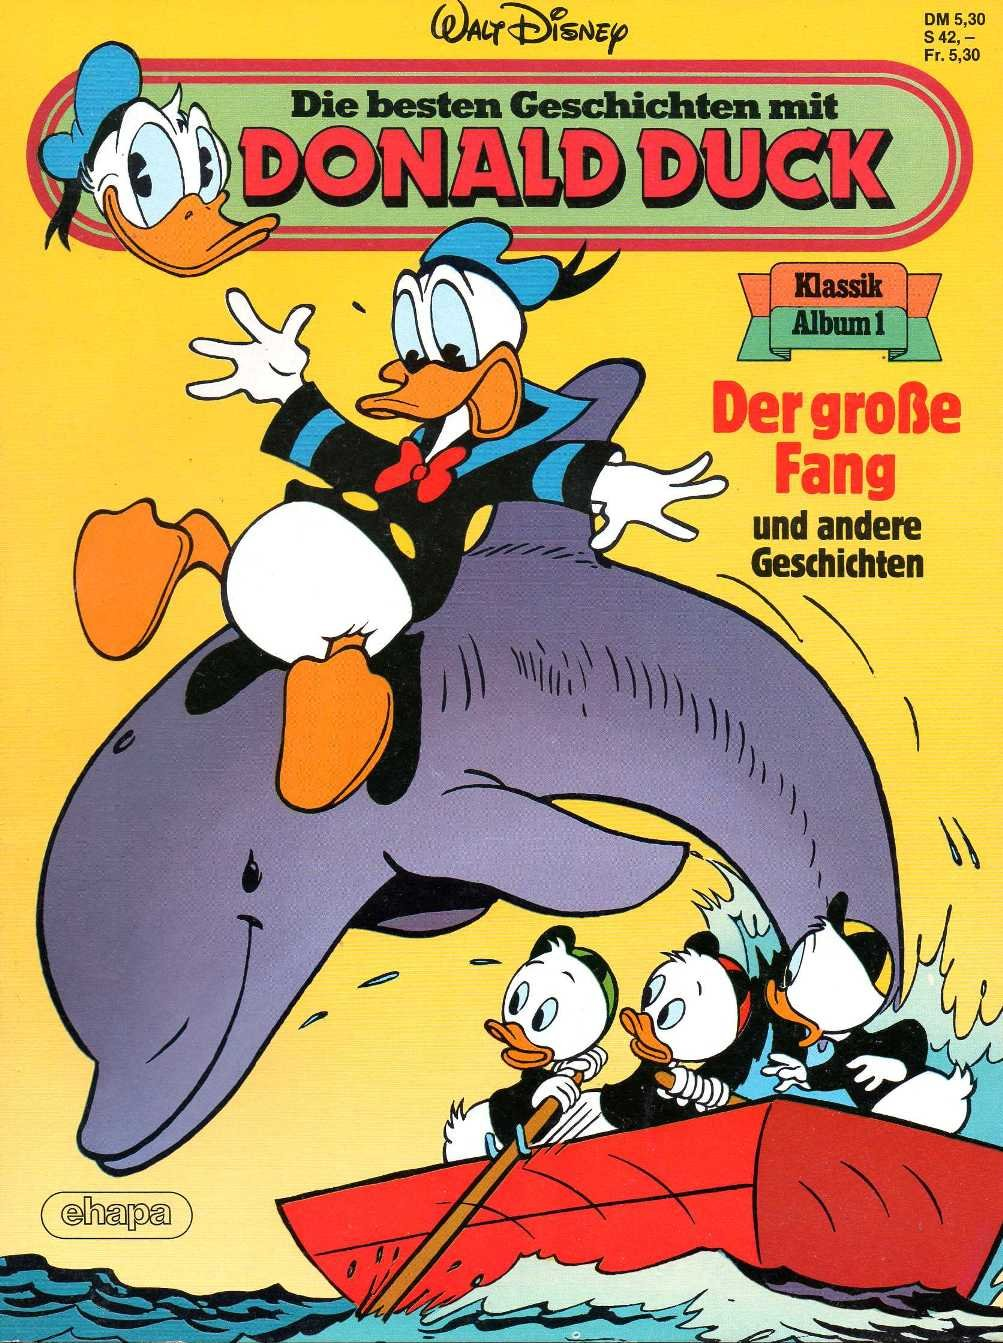 Walt Disney - Die besten Geschichten mit DONALD DUCK Klassik Comic Album # 1: Der große Fang Comic – 1984 Ehapa B00F7RACNQ Belletristik - Comic Cartoon